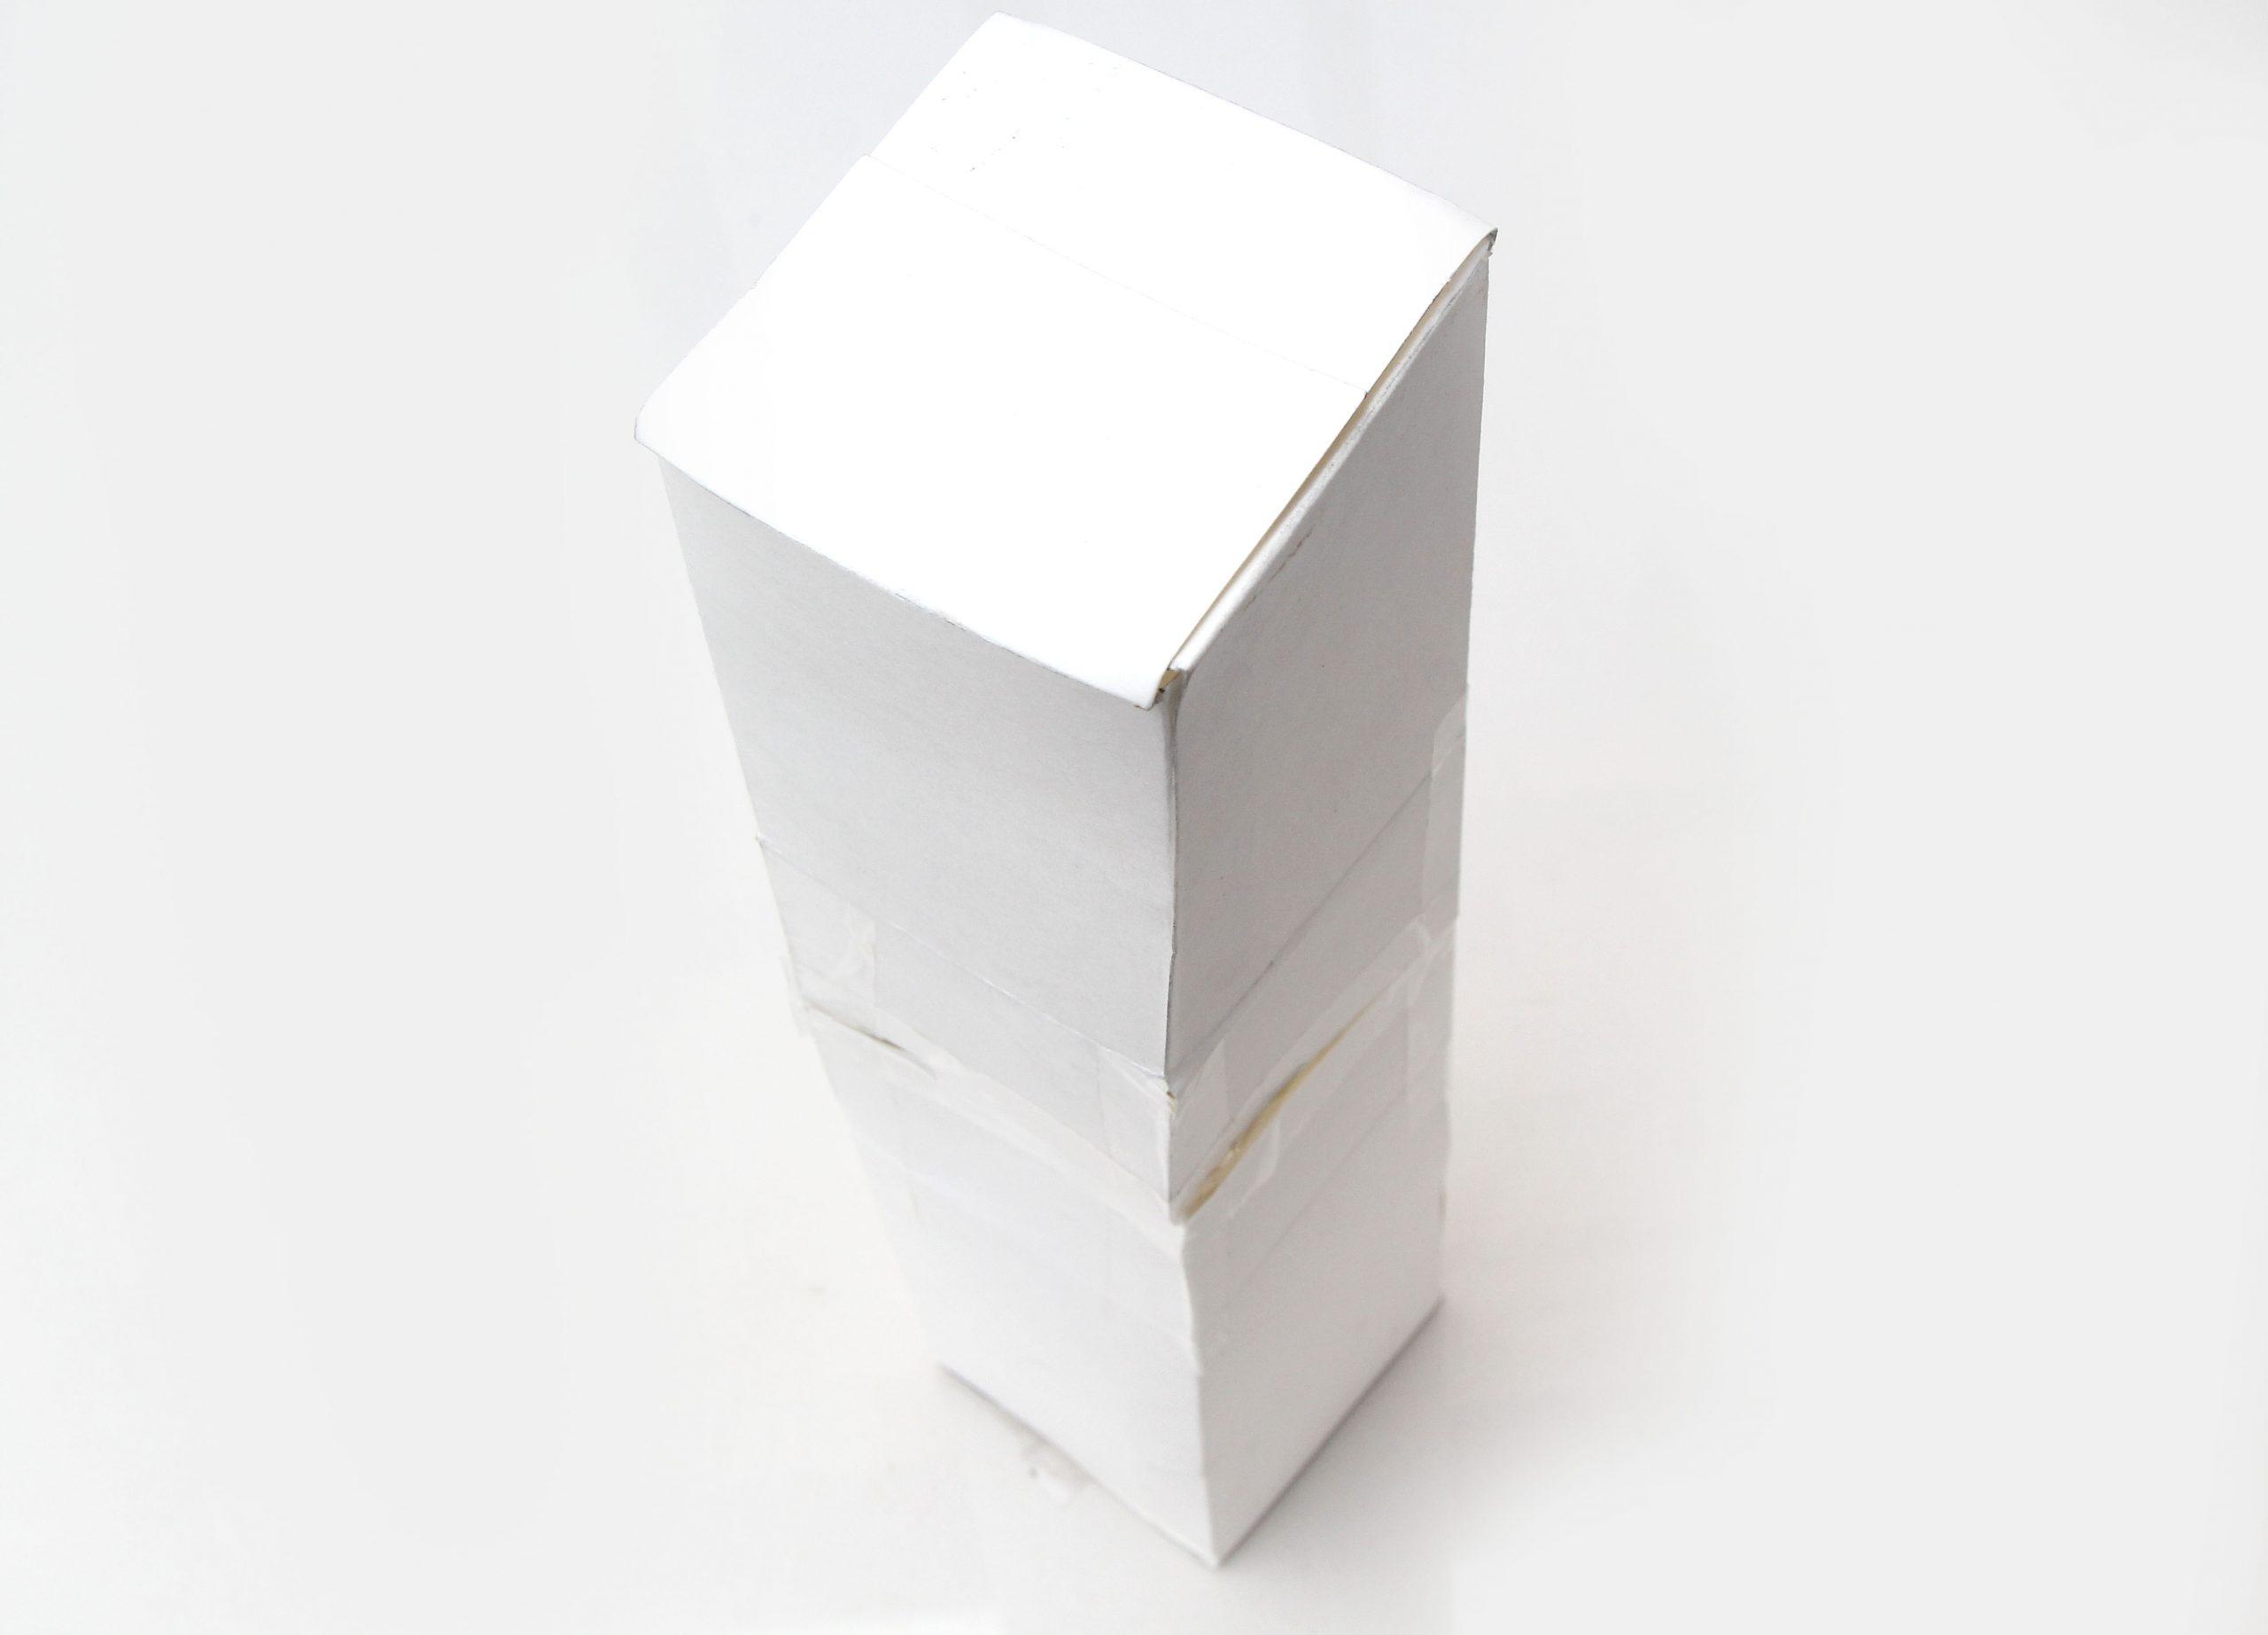 Comment Fabriquer Une Boite En Carton (Avec Images) à Patron Pour Boite En Carton